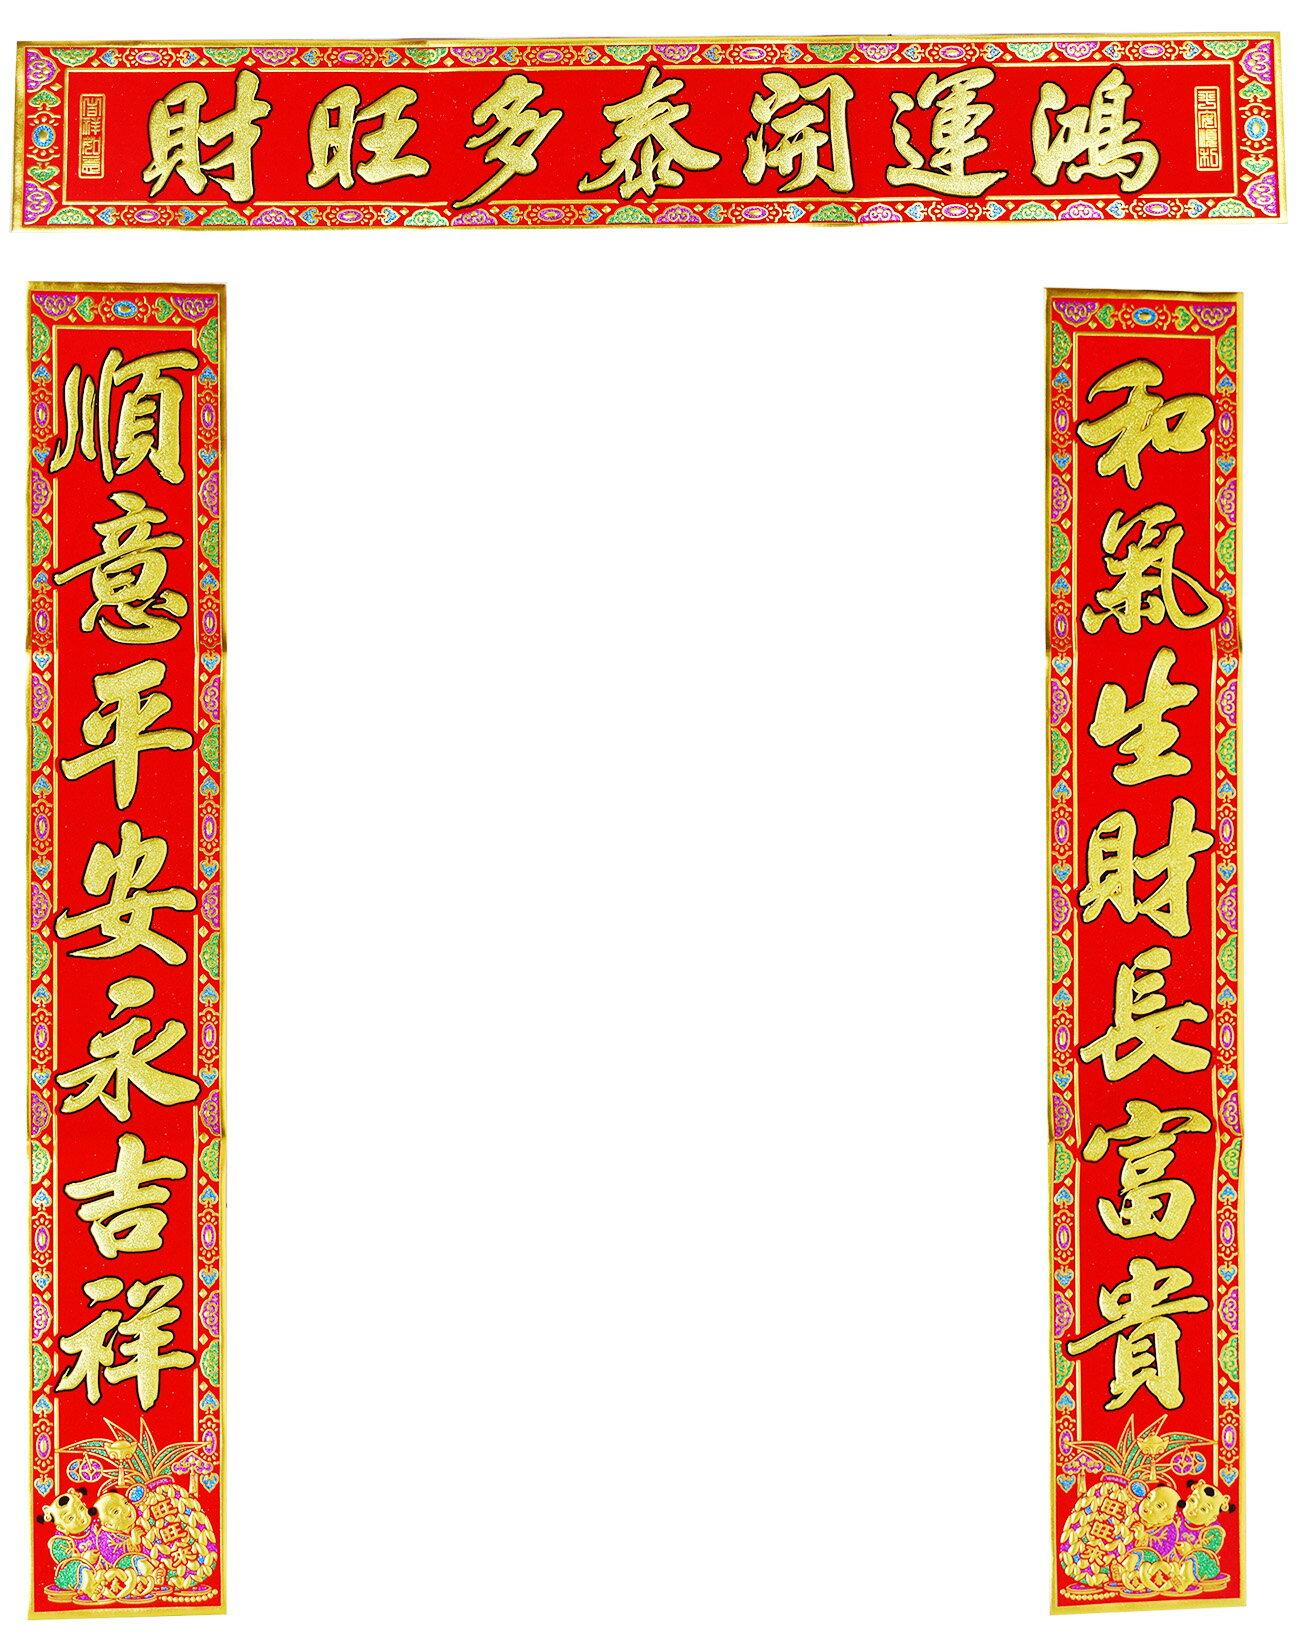 X射線【Z658129】5K絨布彩金門聯,春聯/字貼/佈置/過年/雞年/燙金/門貼/對聯/生意/公司裝飾